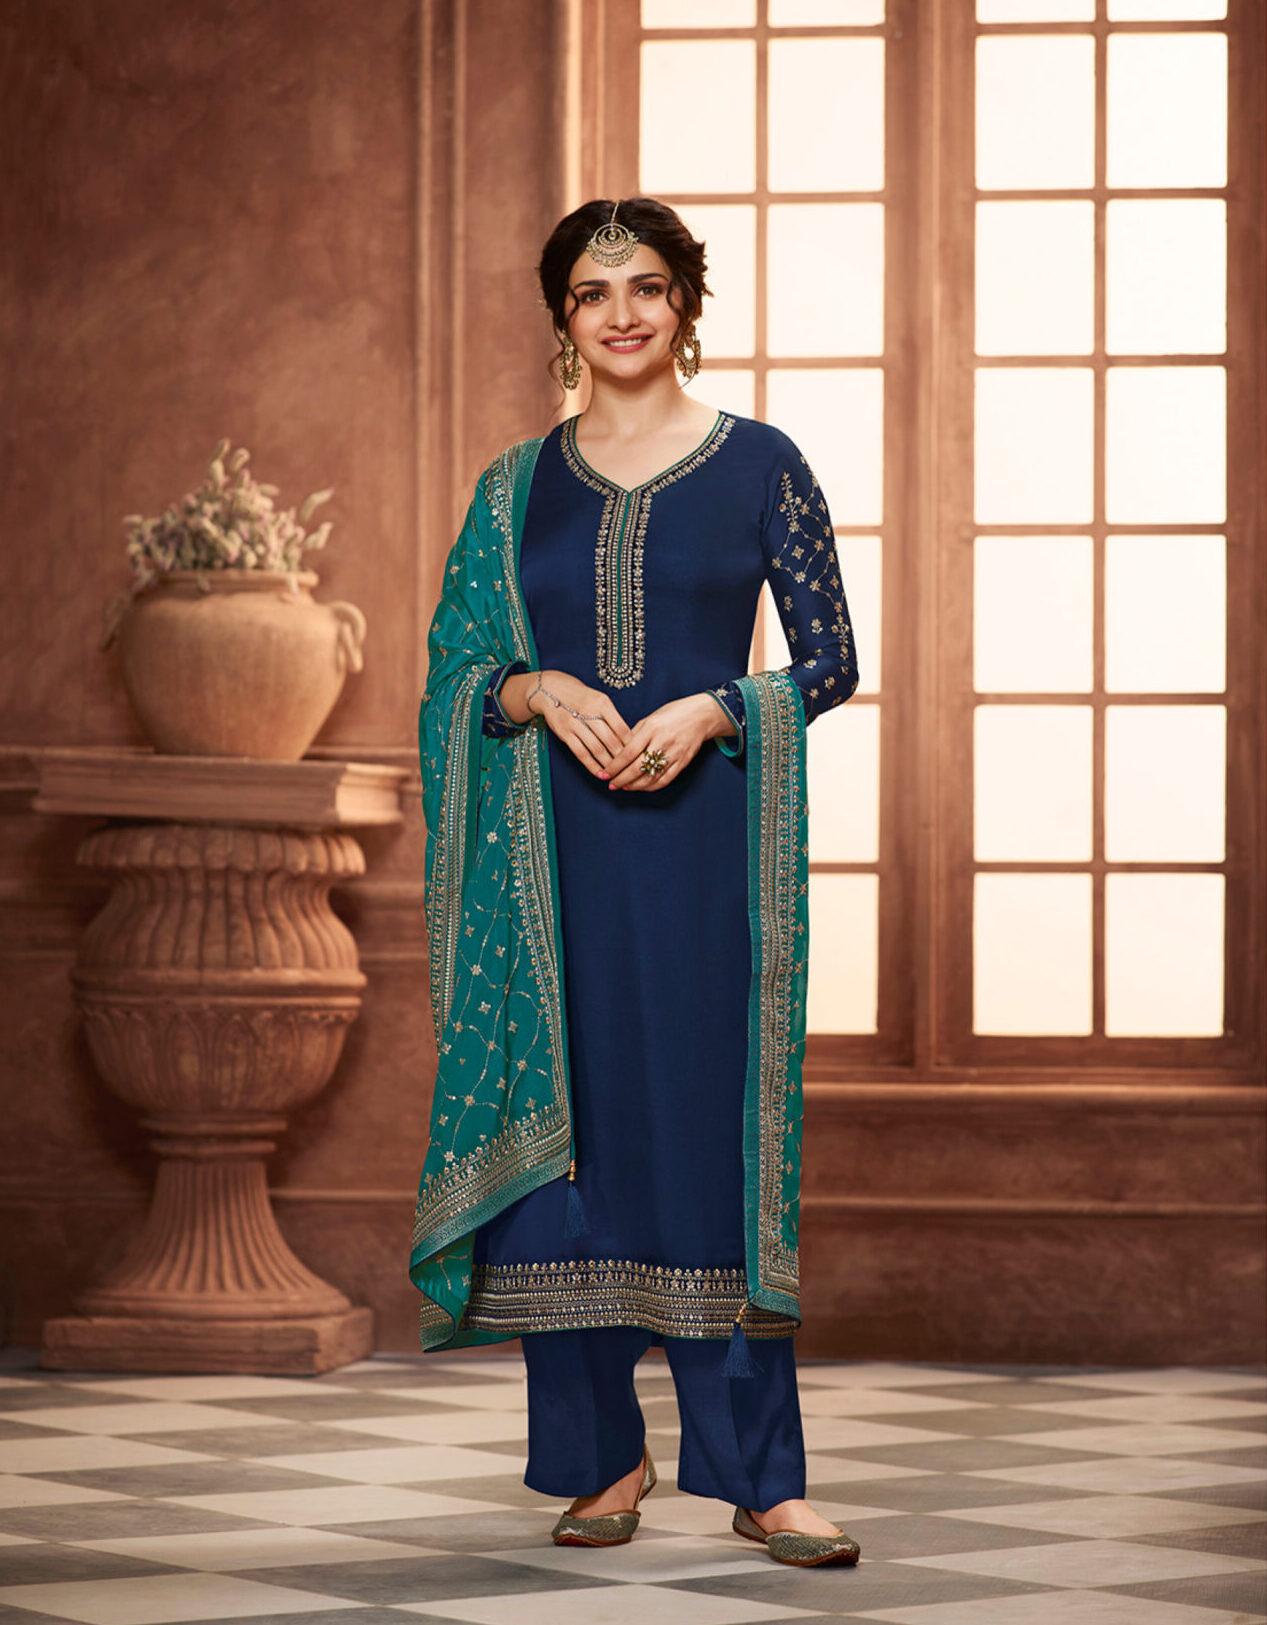 Best Embroidery Blue Color Banarsi Dupatta Suit Images